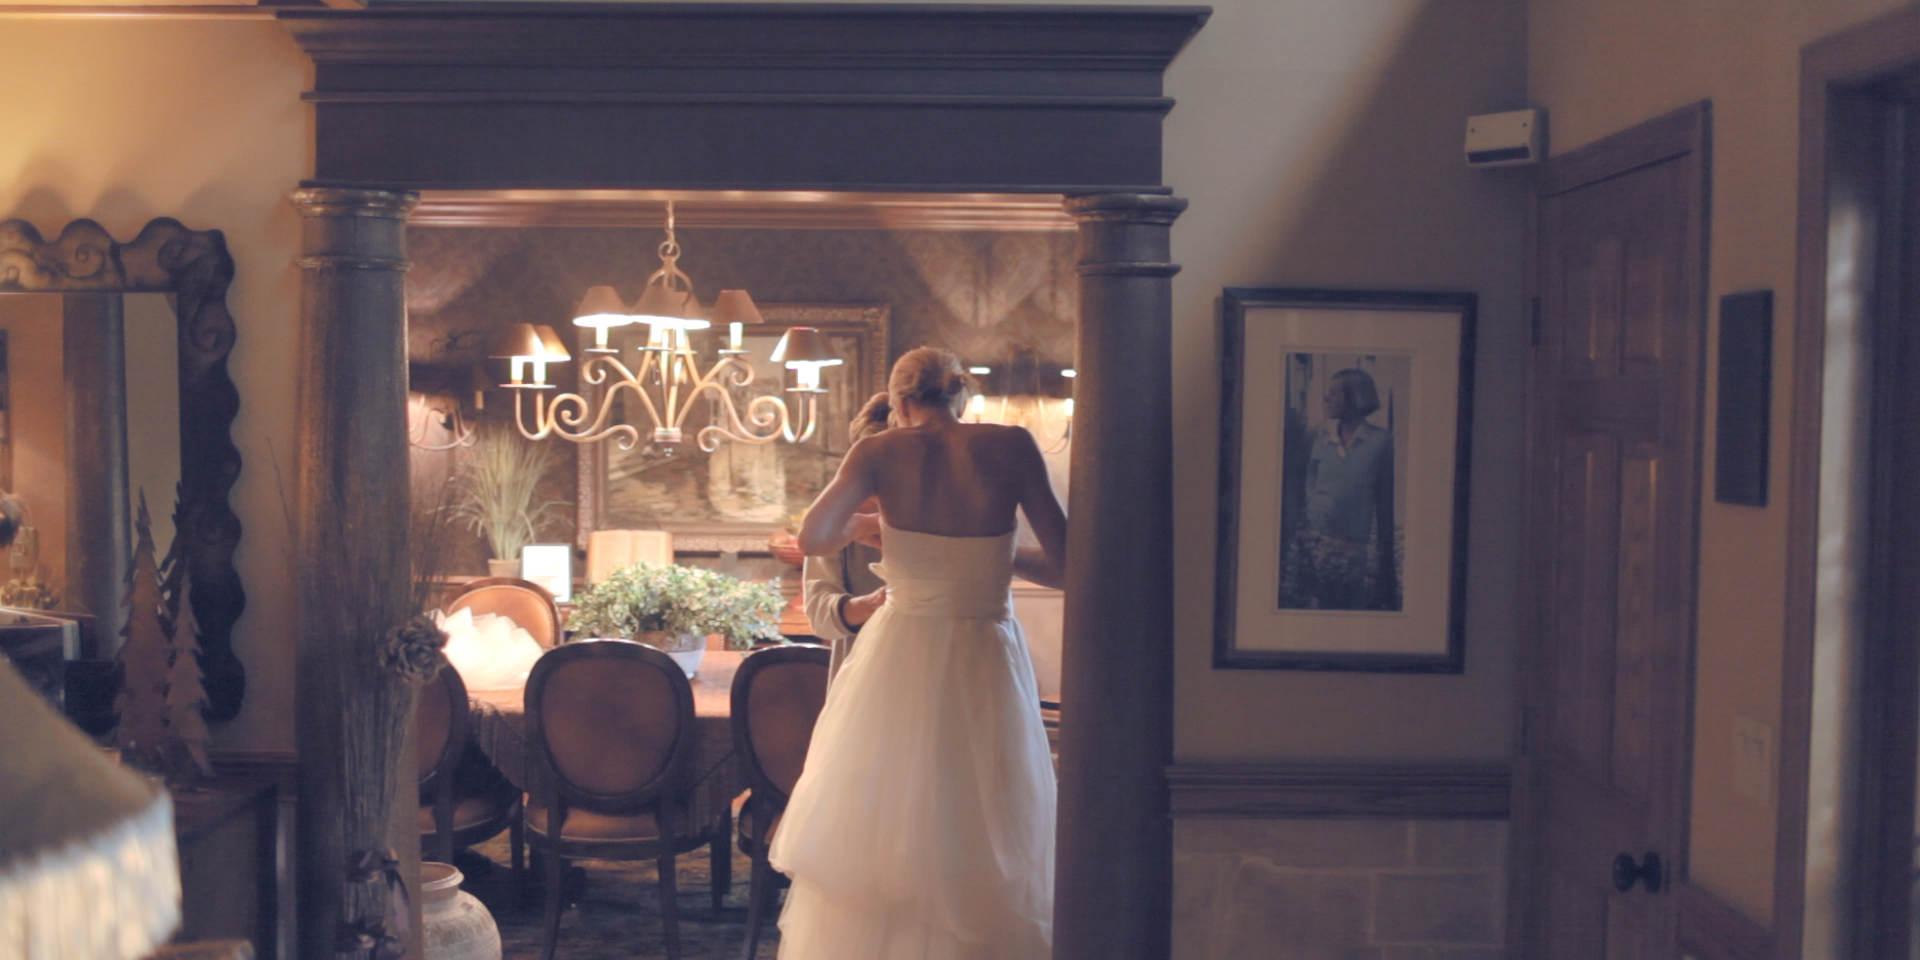 wedding story.00_00_56_05.Still002.jpg